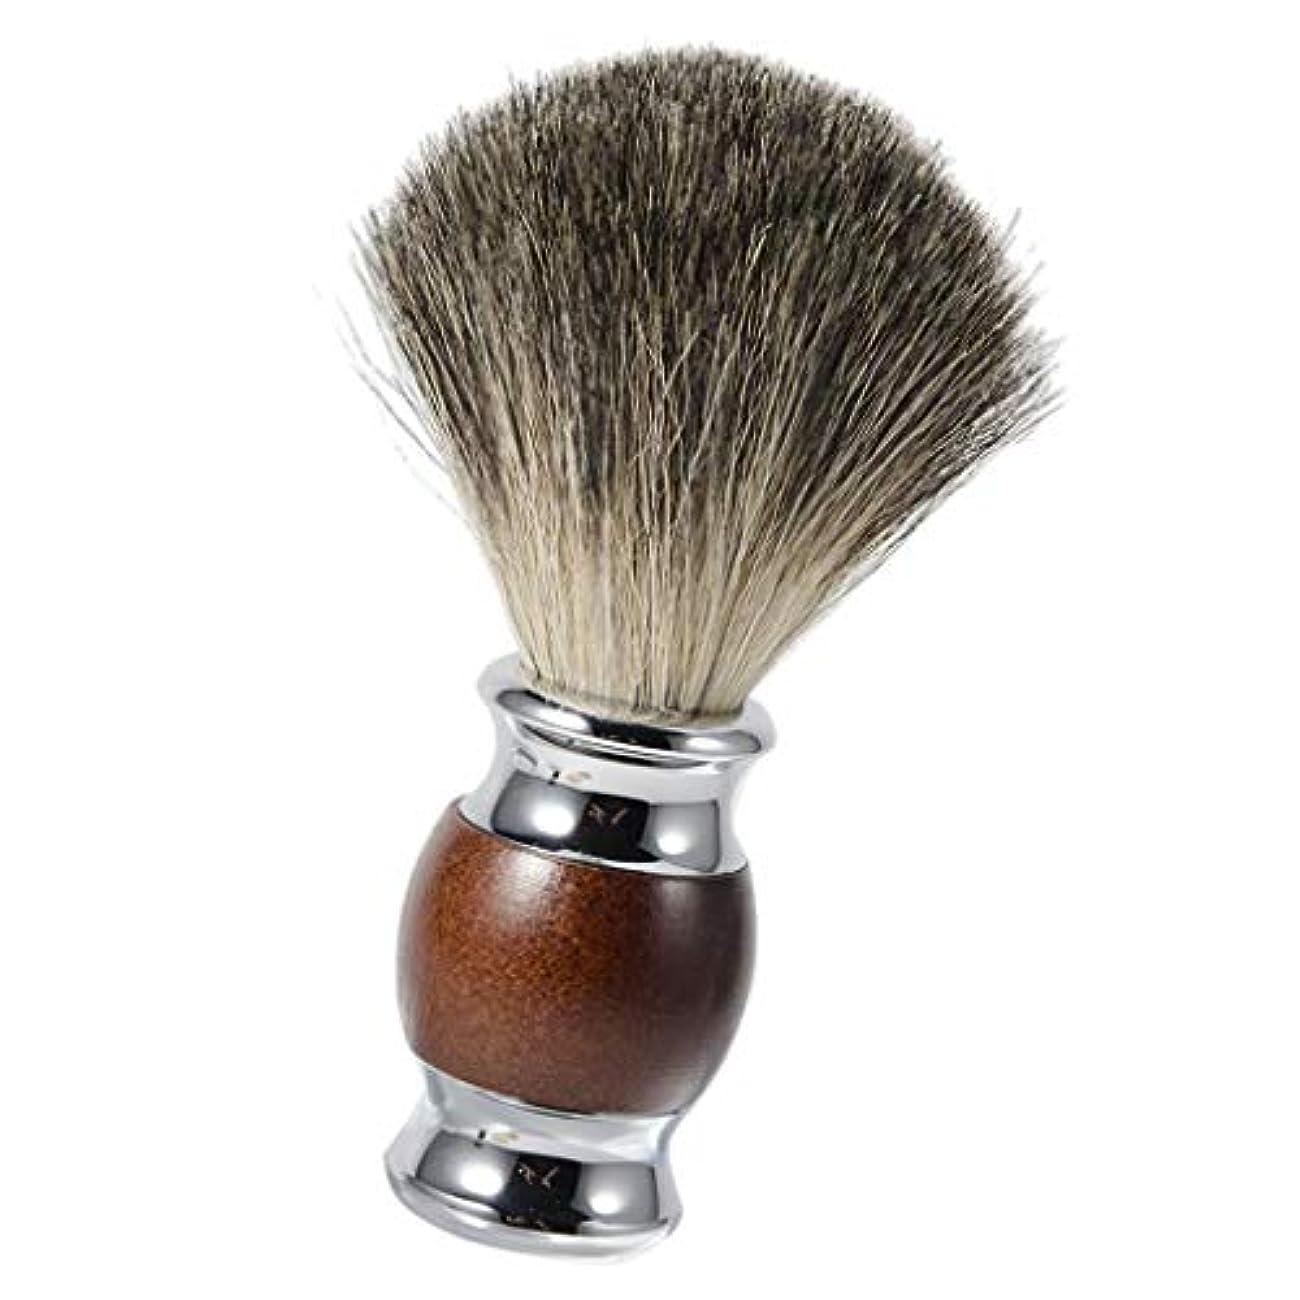 狐初心者手当メンズ用 髭剃り ブラシ シェービングブラシ 木製ハンドル 理容 洗顔 髭剃り ギフト